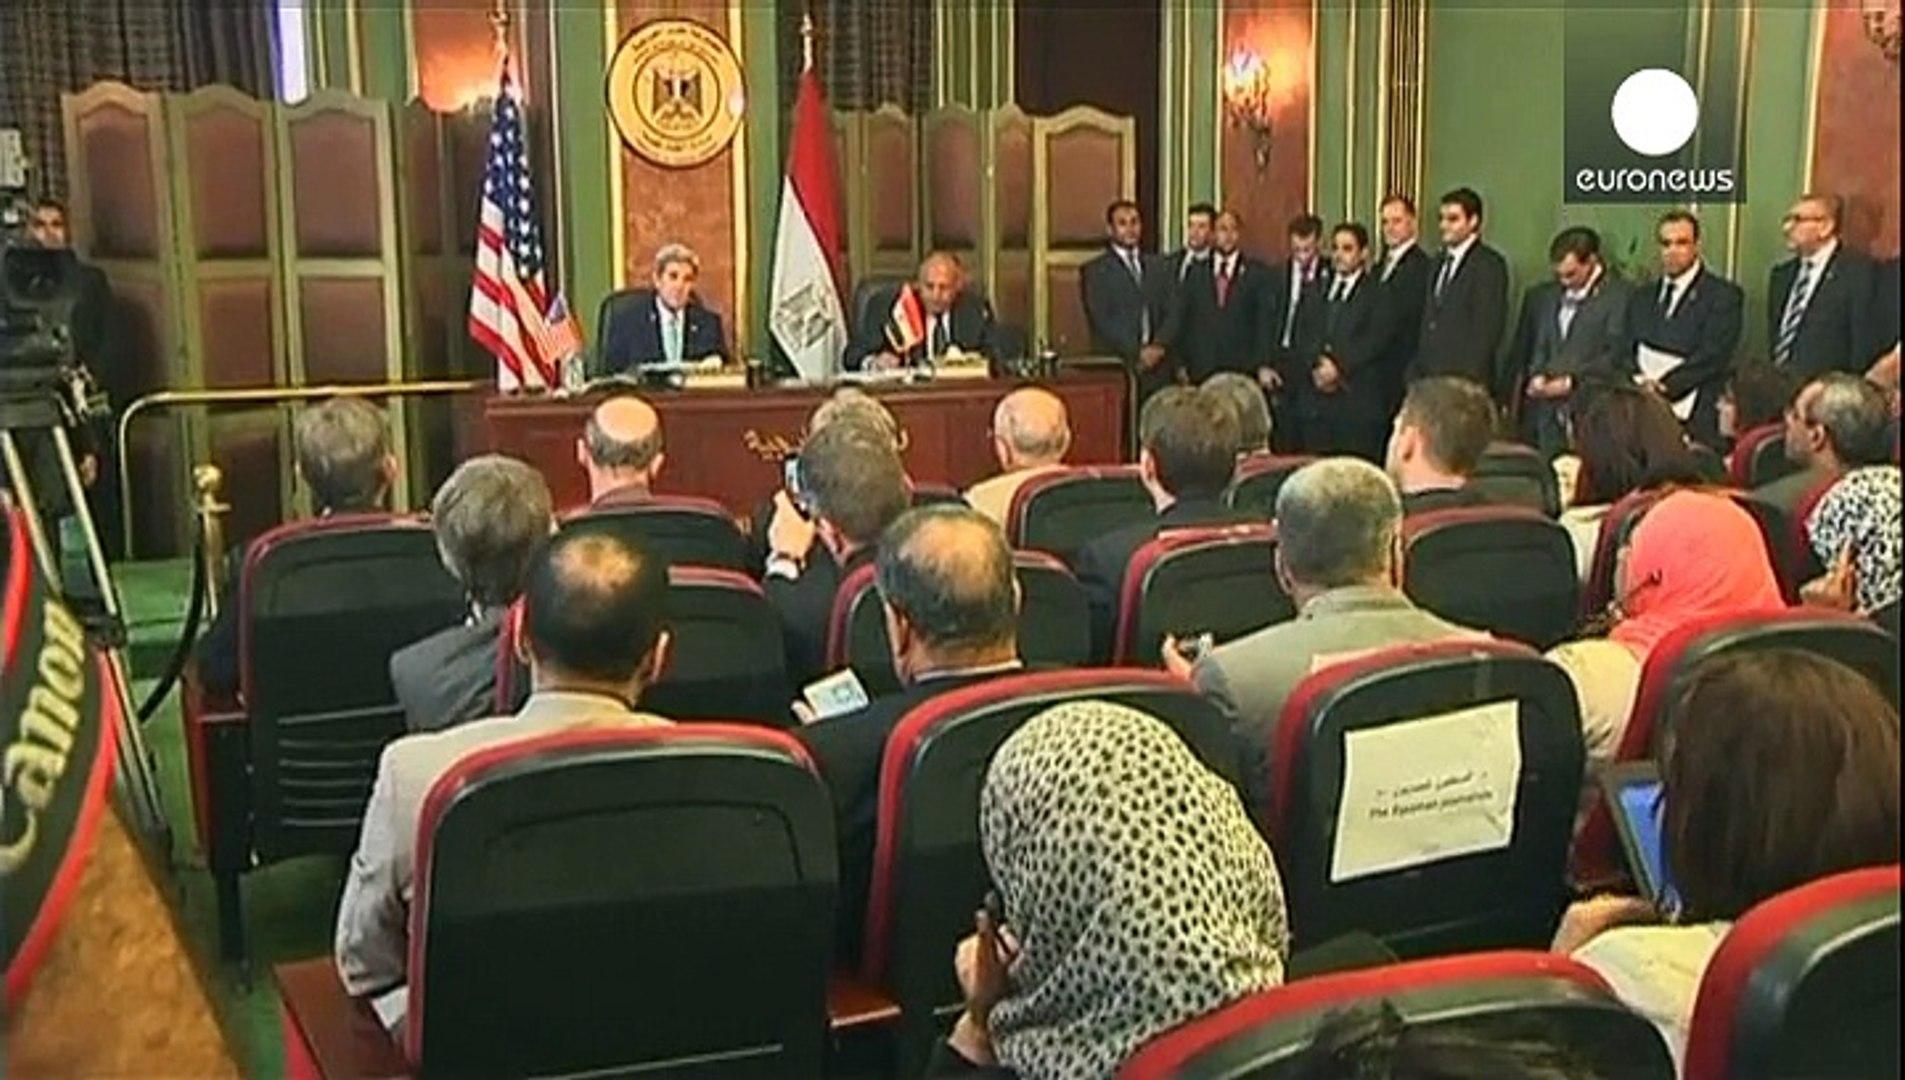 Керри в Египте: Каир и Вашингтон налаживают стратегический диалог